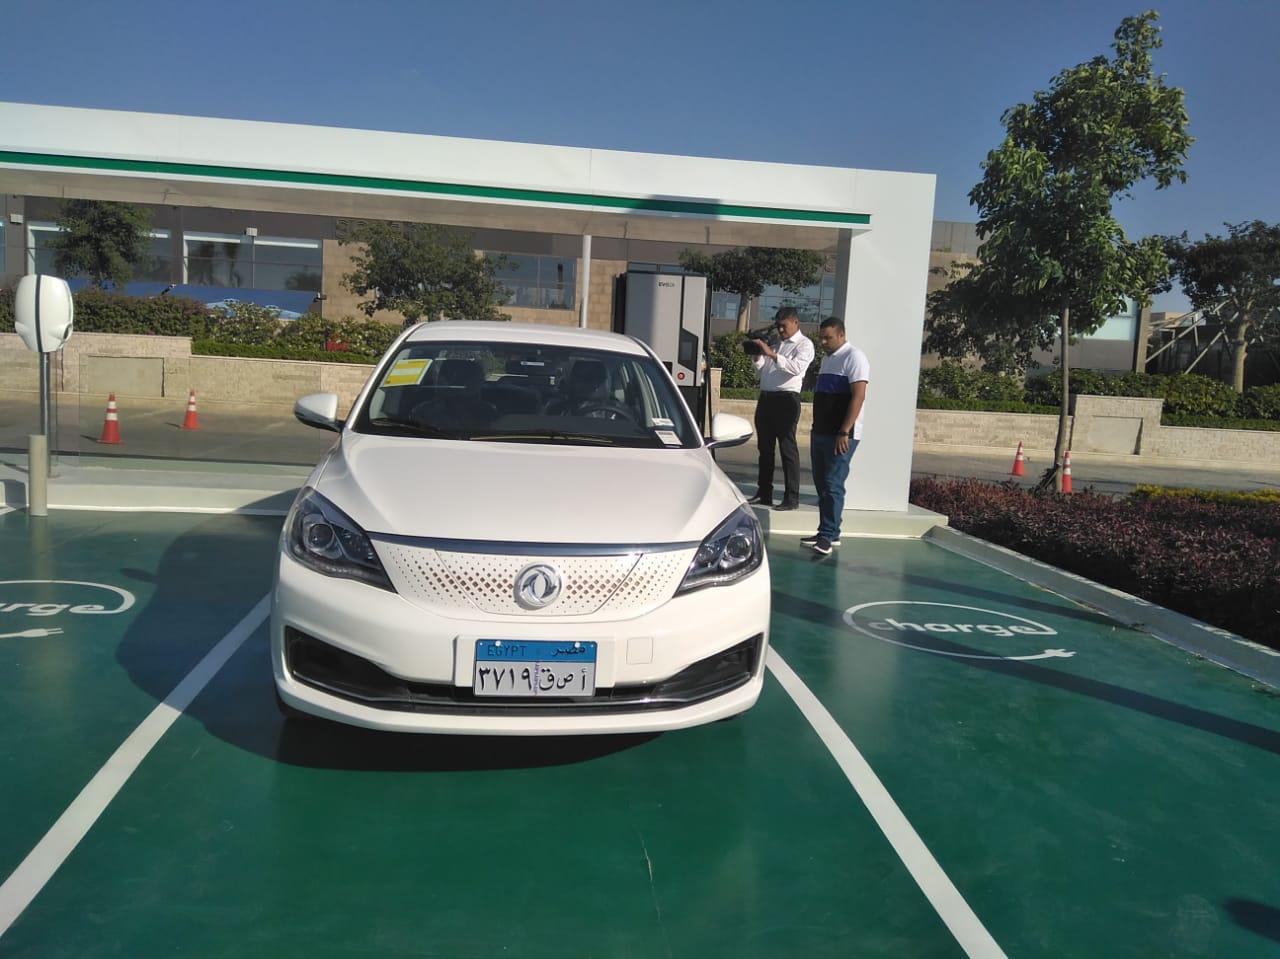 سعر ومواصفات أول سيارة كهربائية - مصر - السيارات الكهربائية في مصر